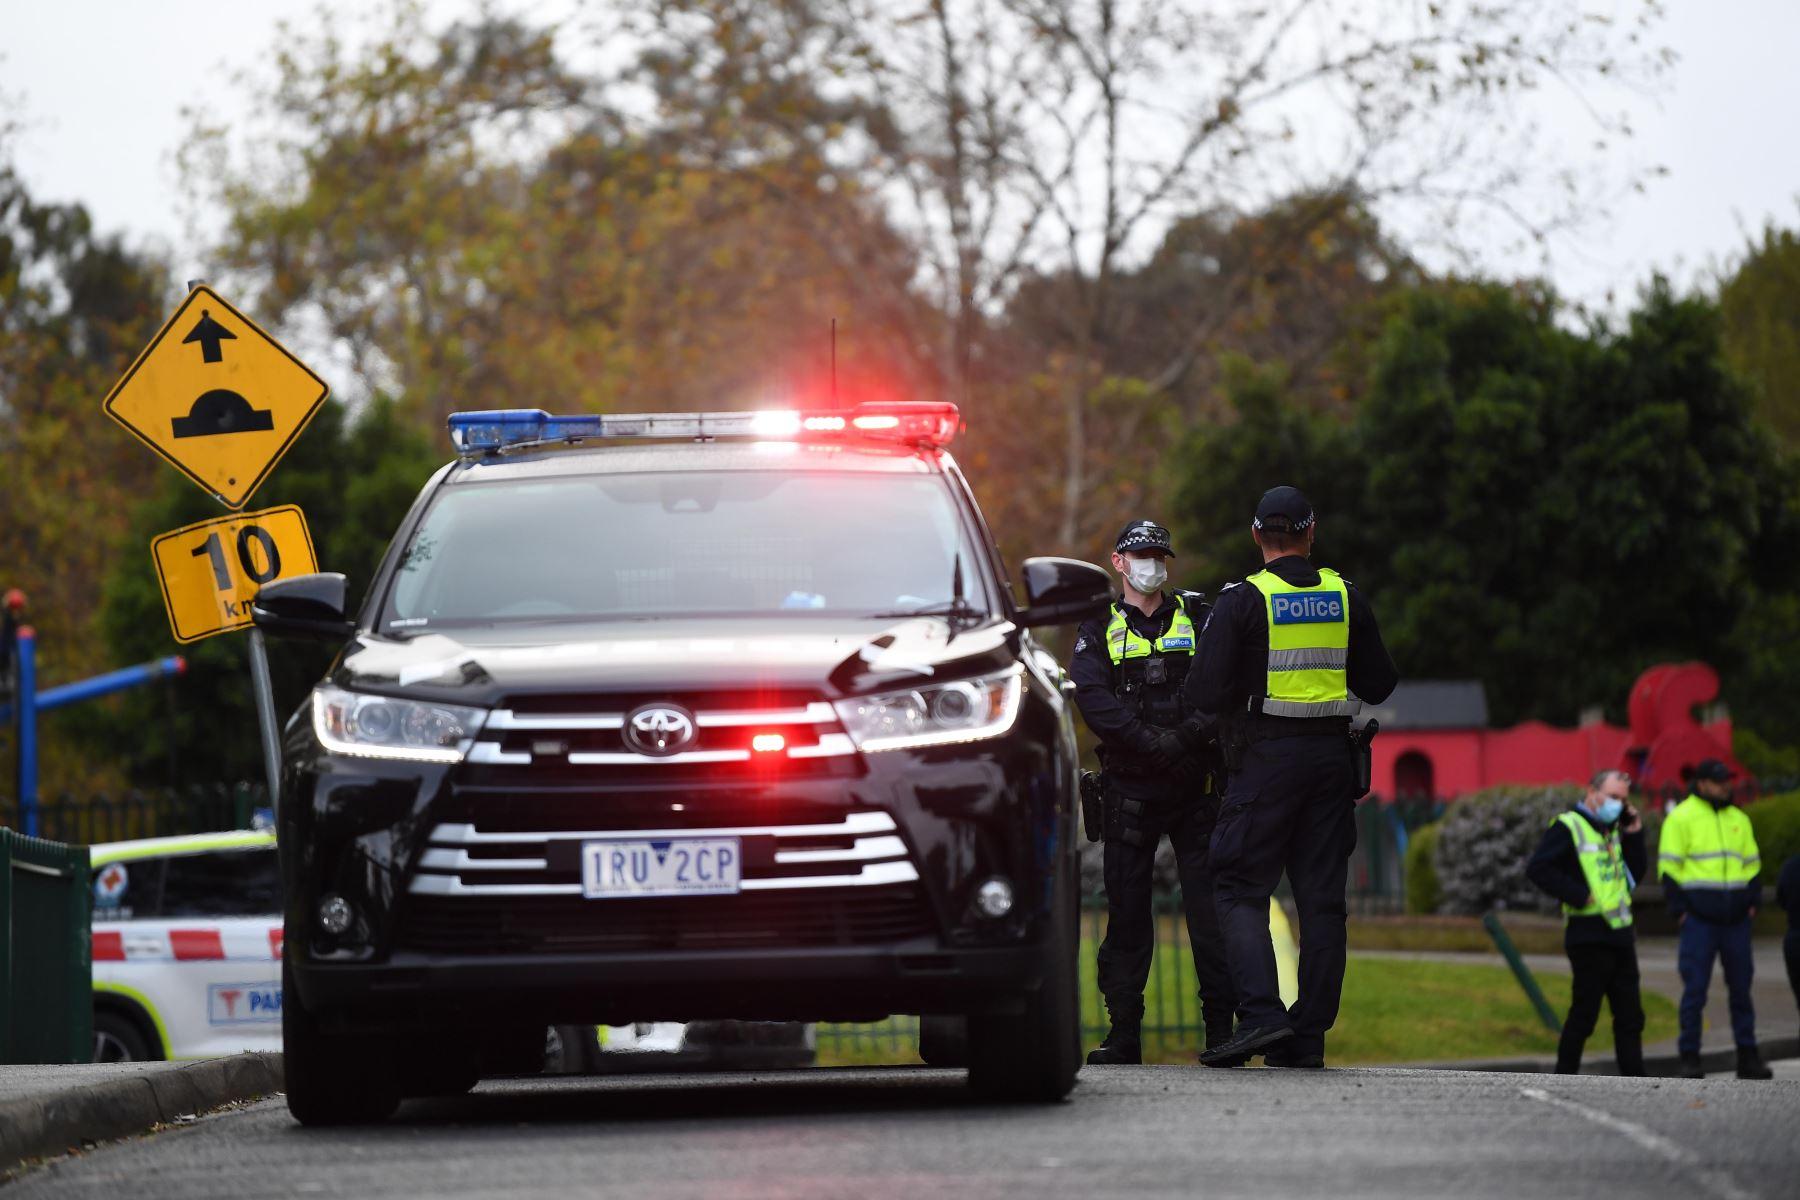 Agentes de la Policía de Victoria vigilan en las afueras de una torre de viviendas públicas en Racecourse Road en Melbourne, Australia, después de que se decretara el cierre inmediato de nueve torres en Flemington y North Melbourne tras registrarse un brote de coronavirus. Foto: EFE